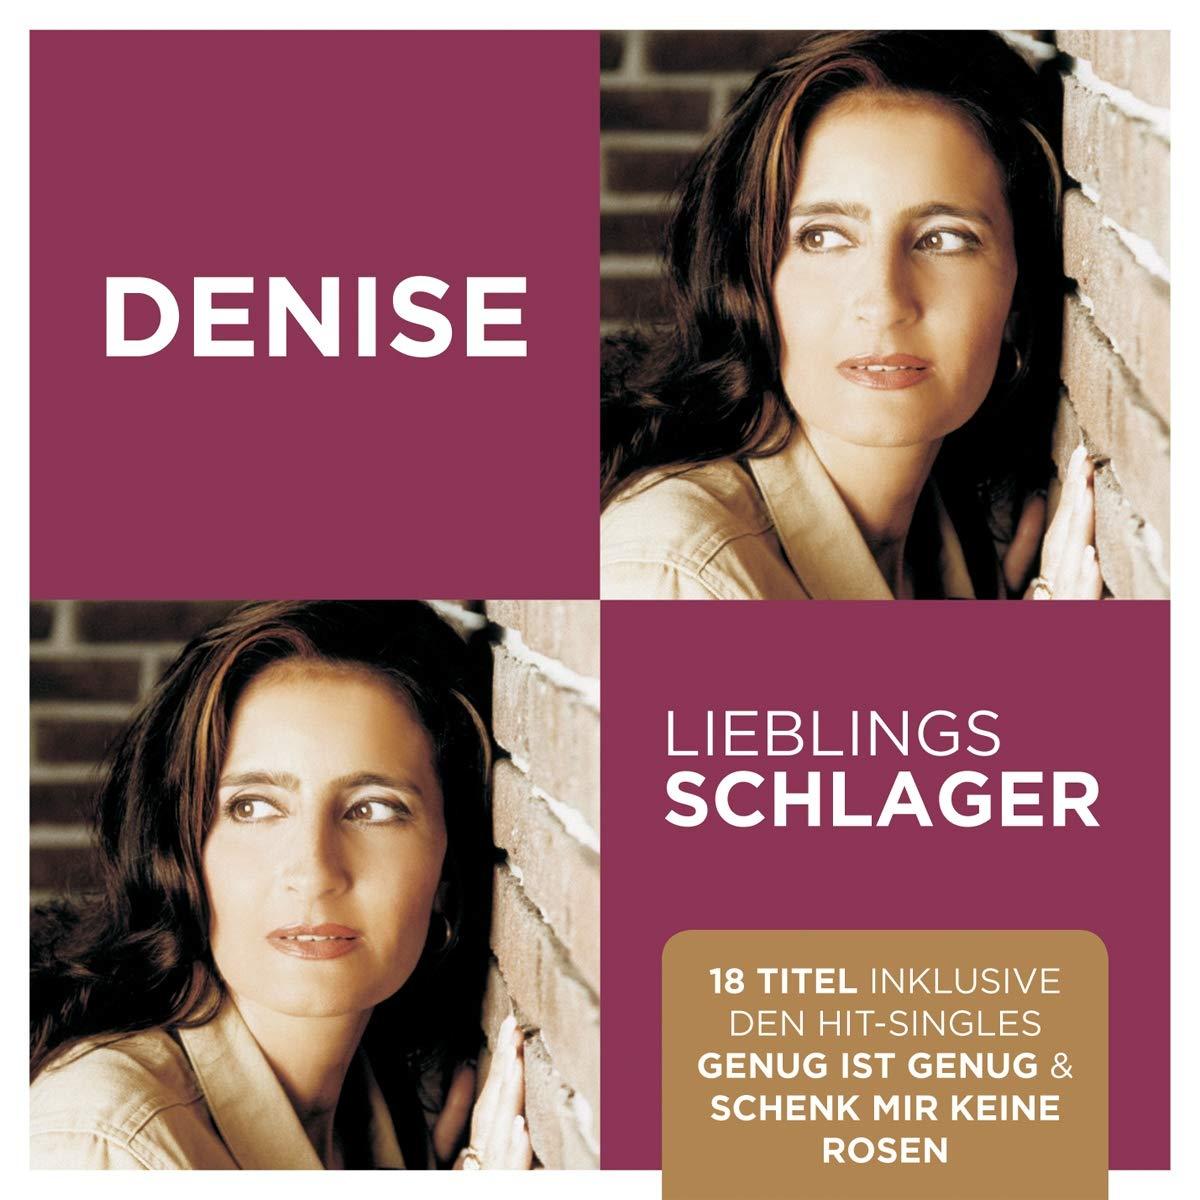 DENISE * Lieblingsschlager (CD)